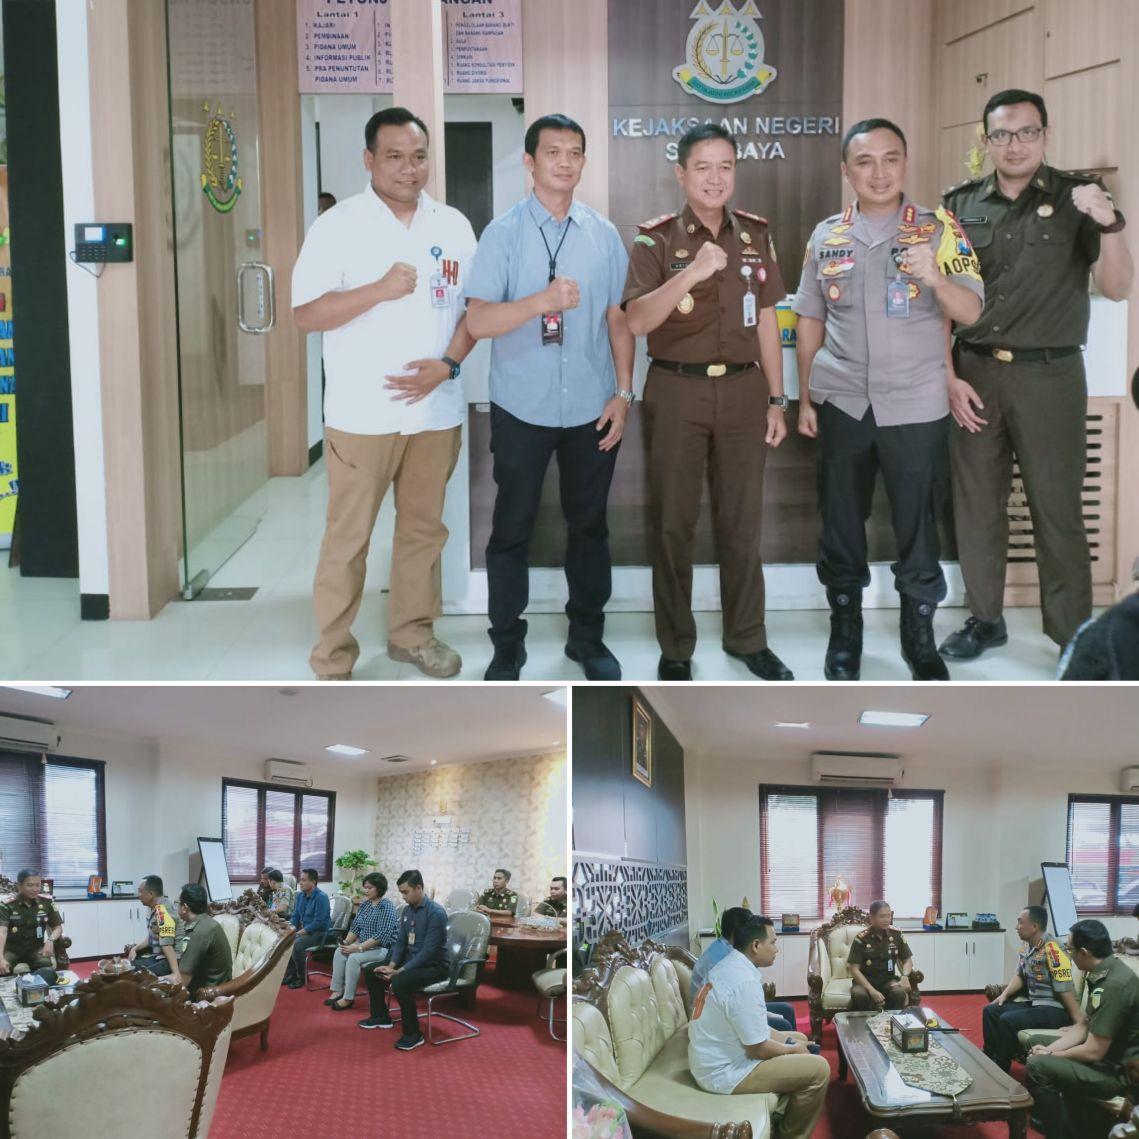 Kunjungan Kapolrestabes Surabaya dan Rombongan 16-05-2019